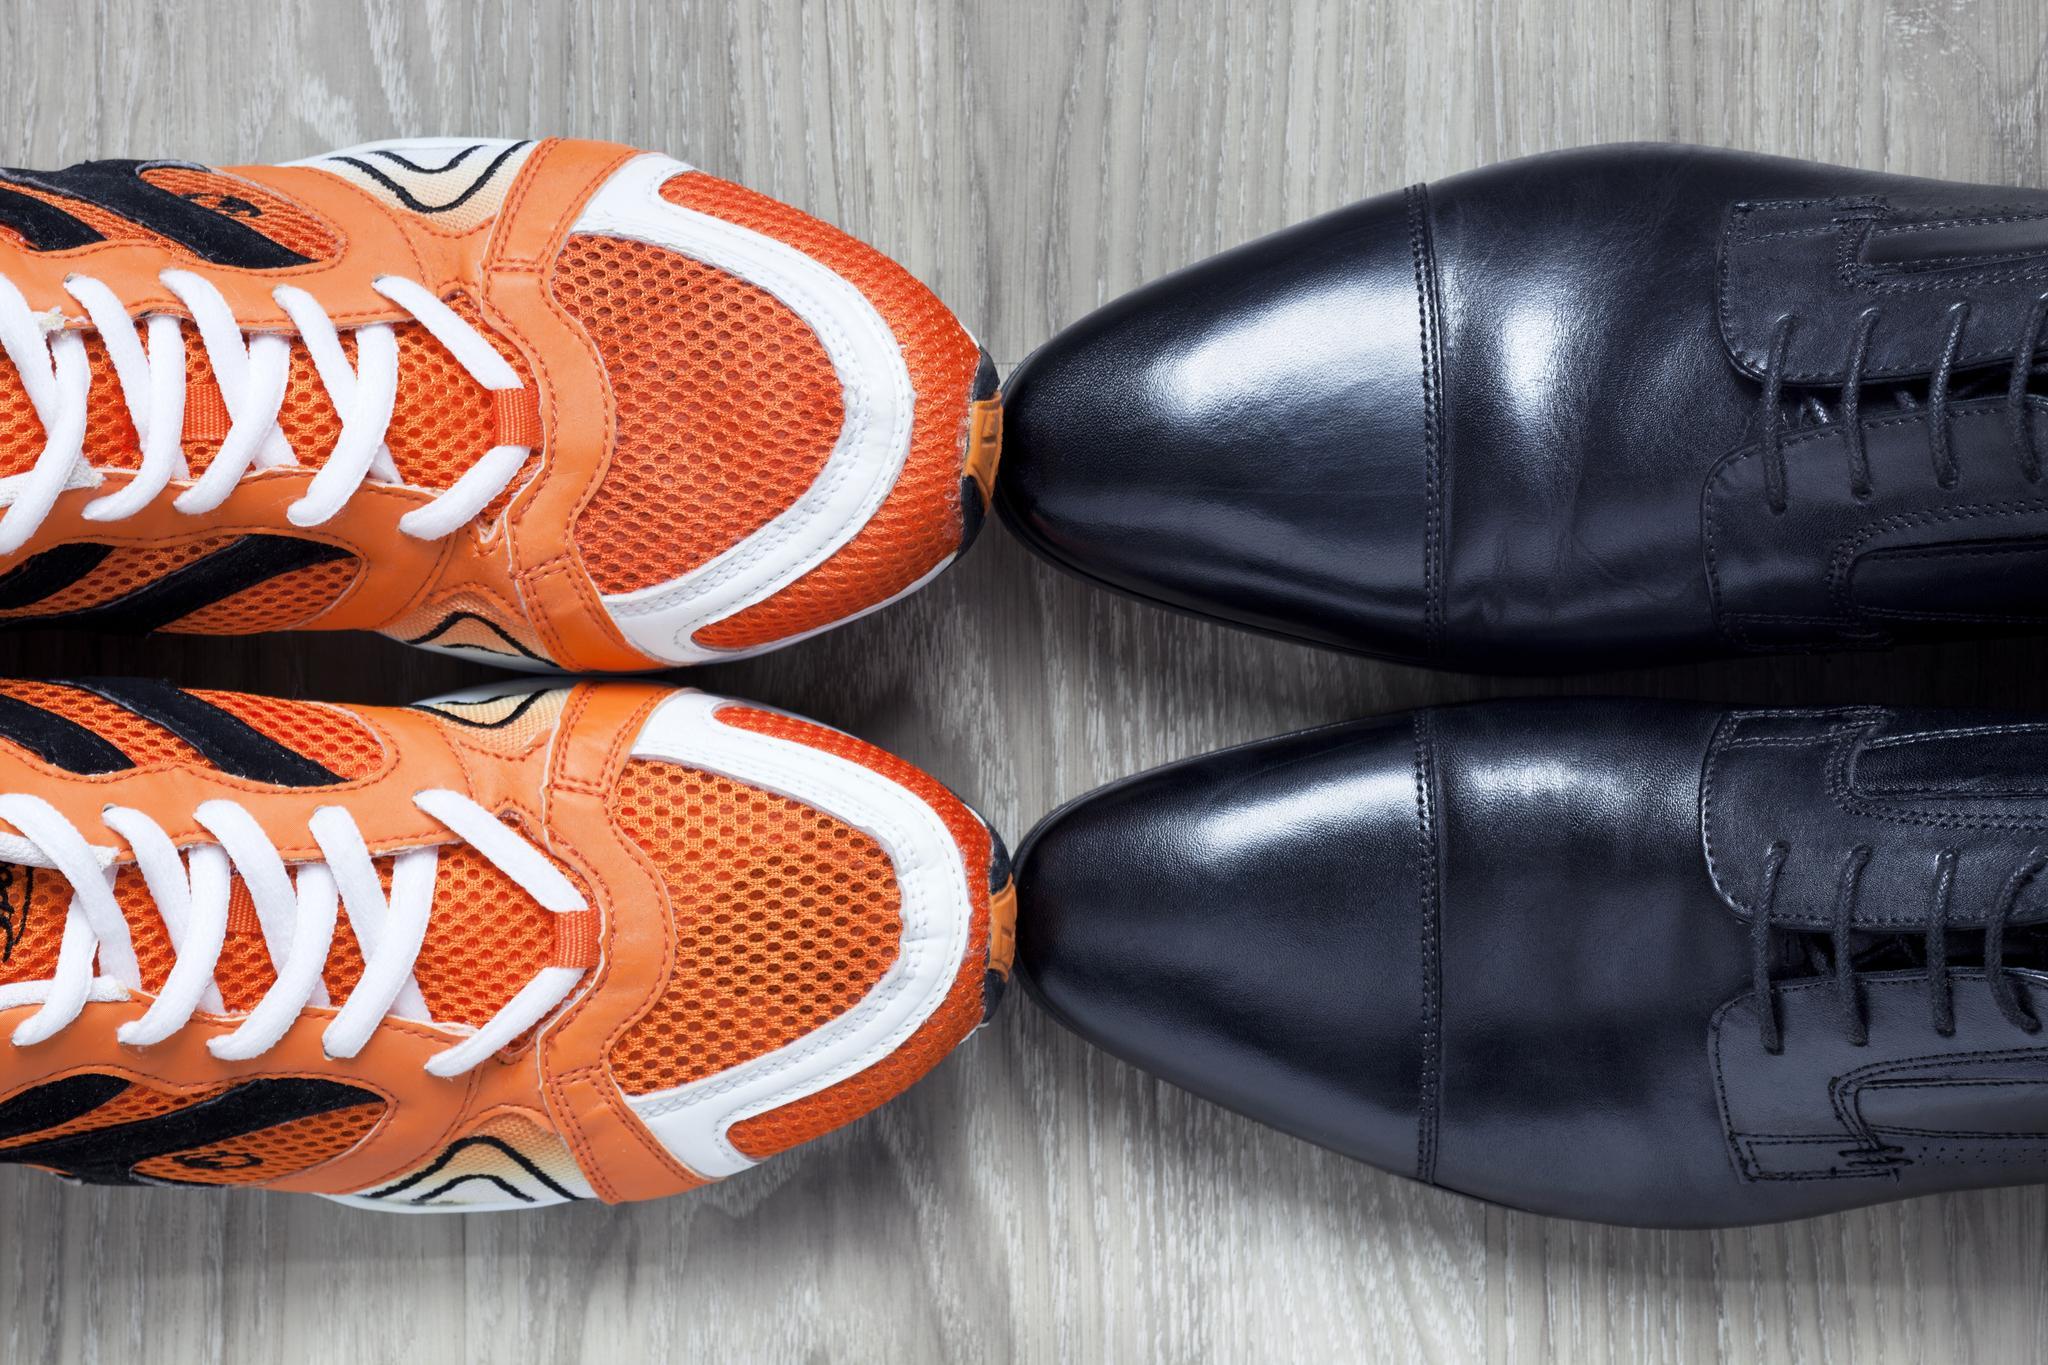 Orange Turnschuhe stehen Spitze an Spitze mit schwarzen Businessschuhen